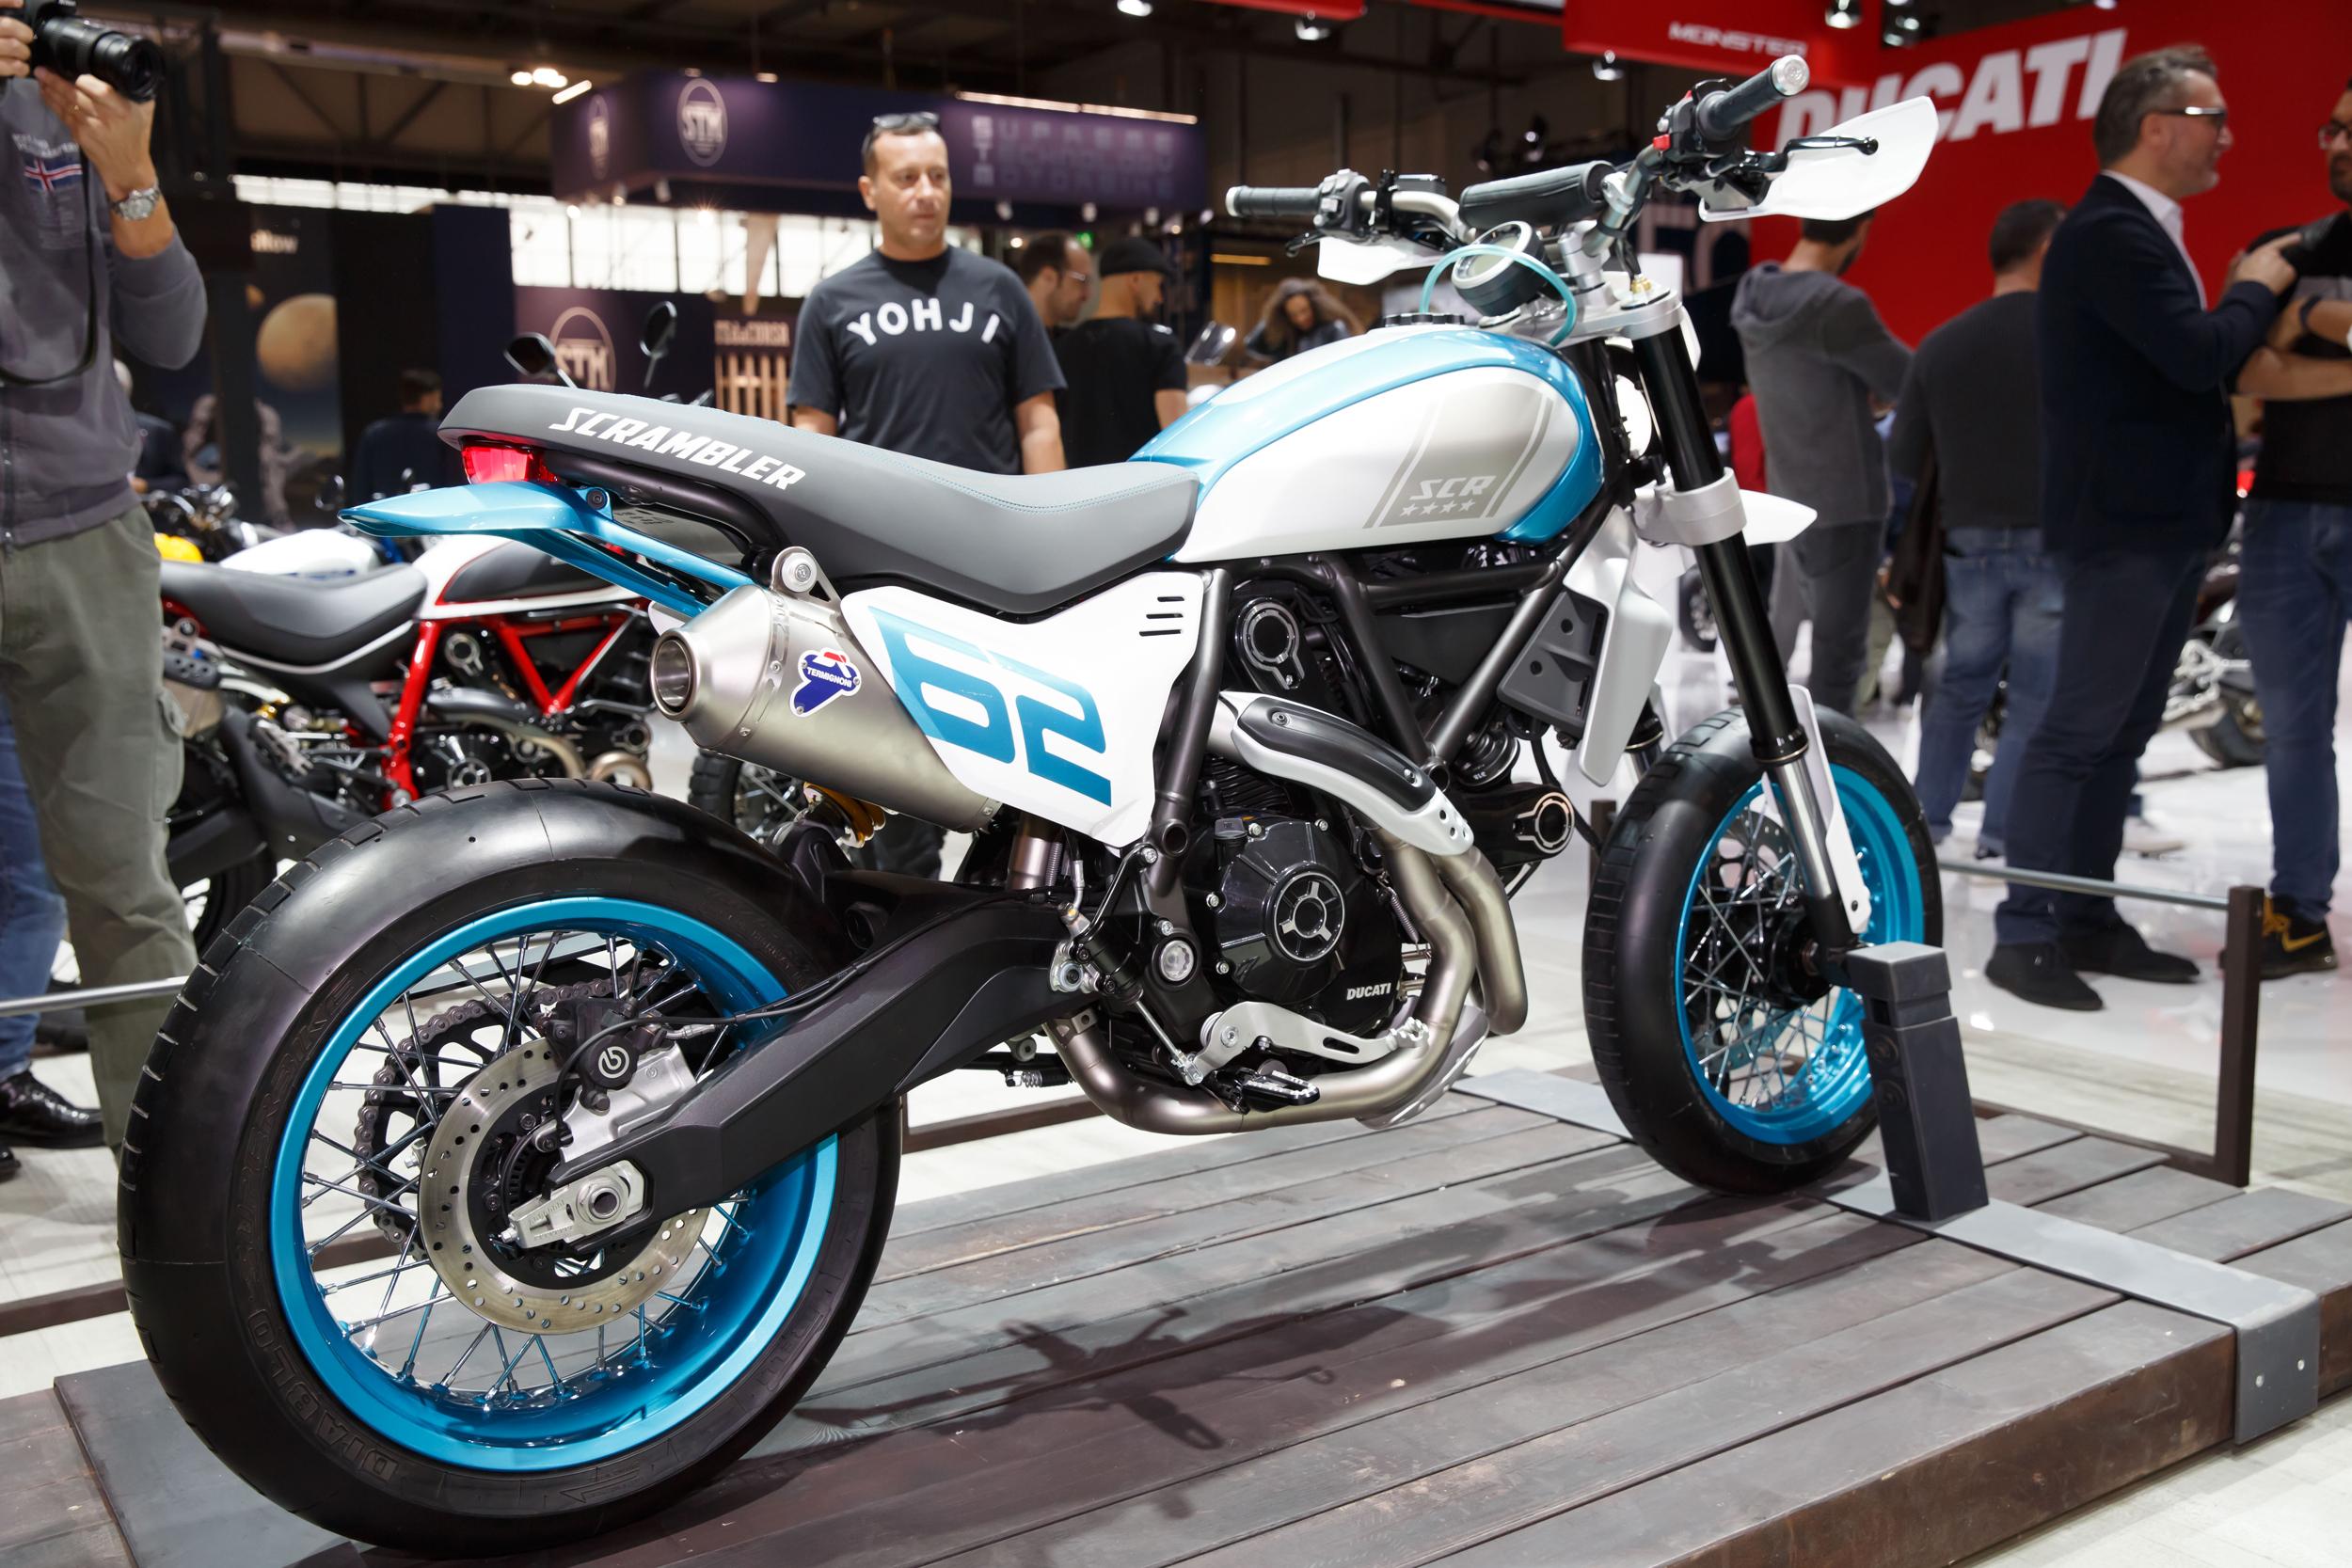 Ducati Scrambler Motard concept bike